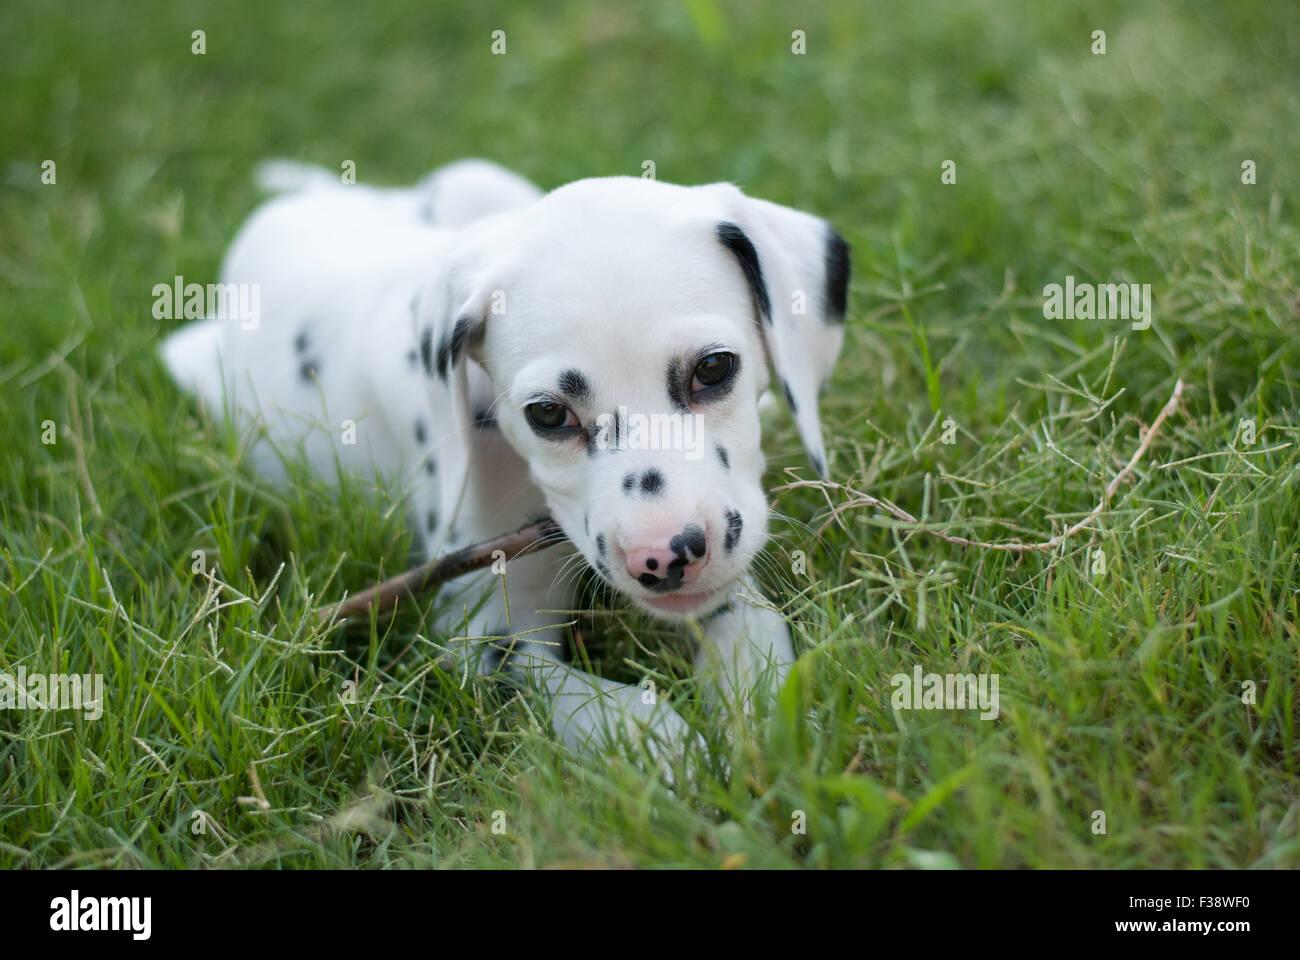 Pure Bred Dalmatian Puppy - Stock Image